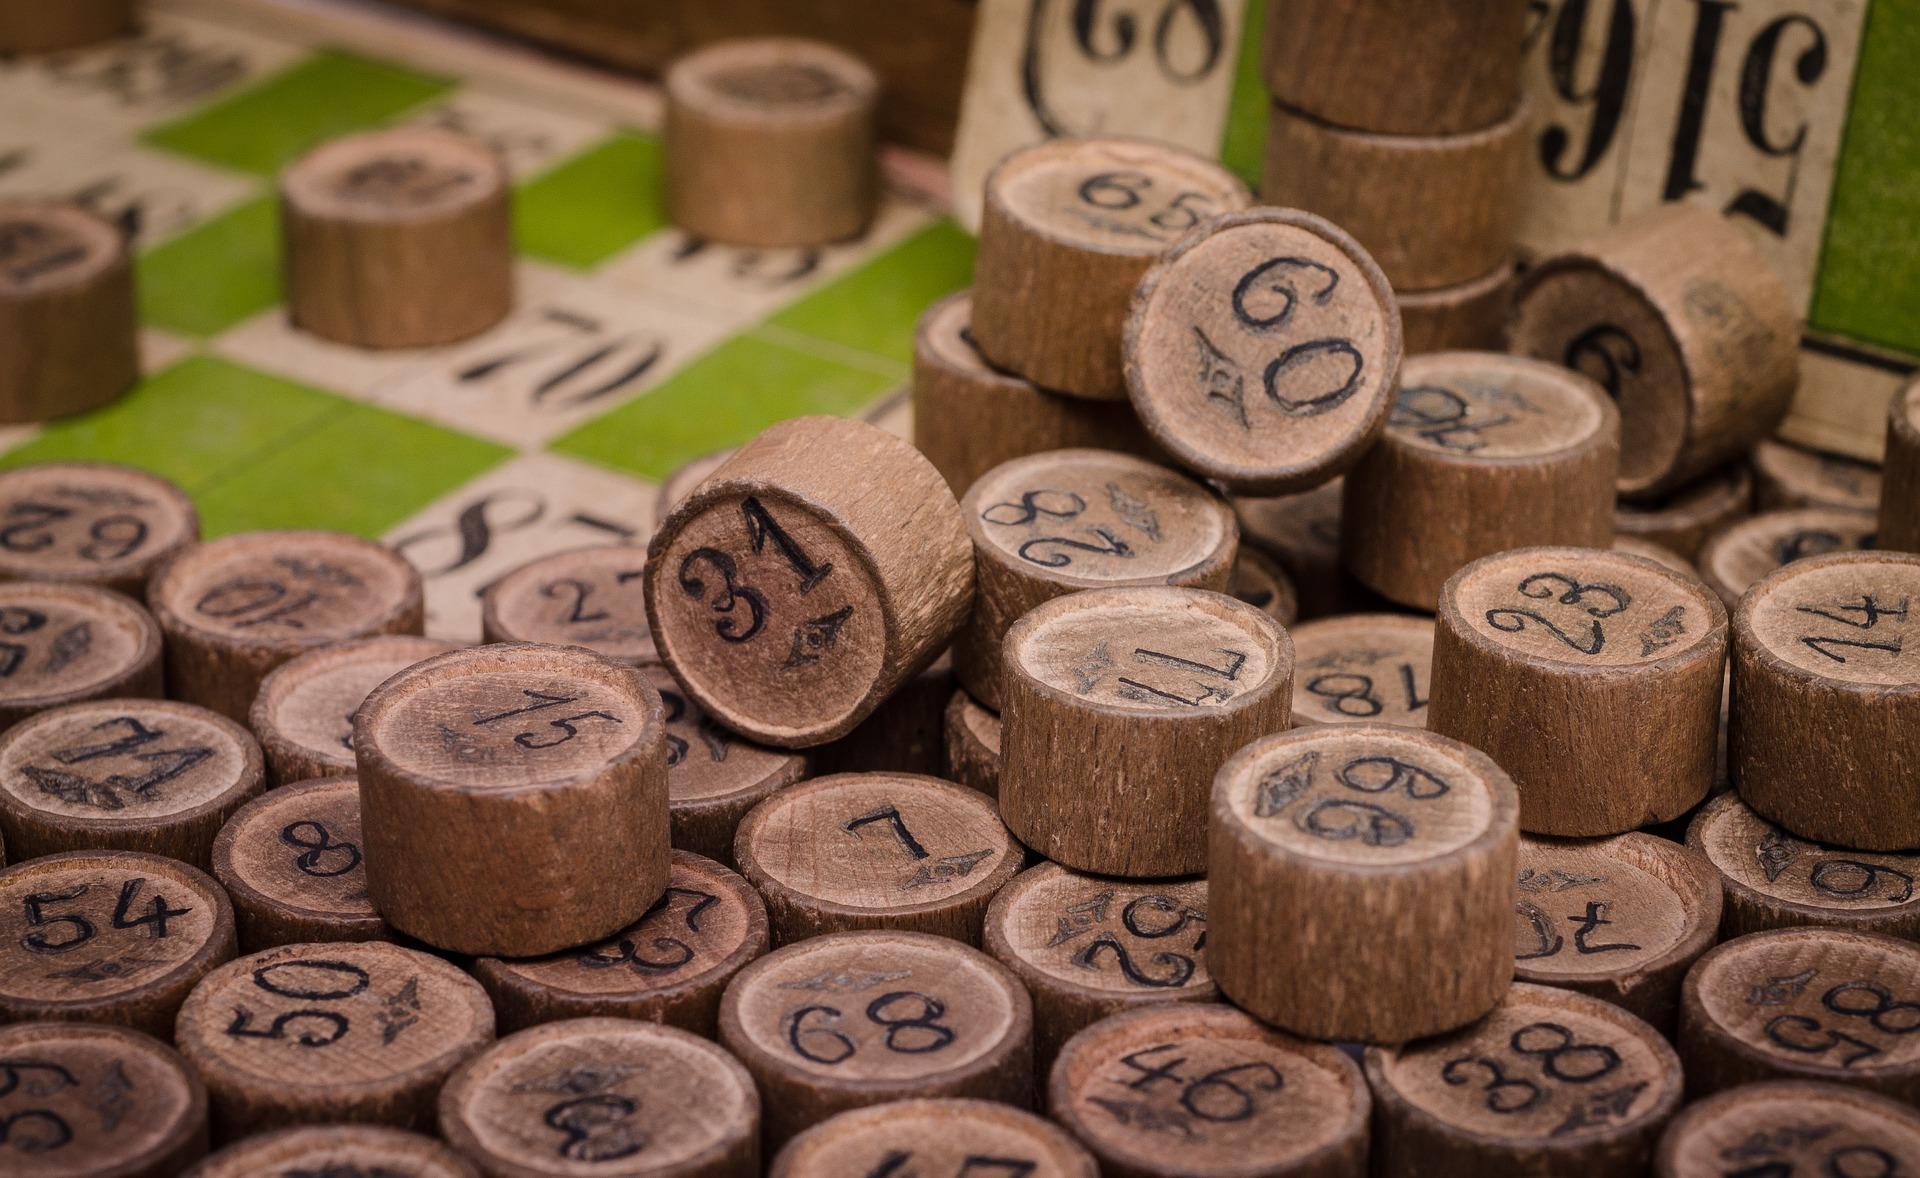 Wie Hoch Ist Die Wahrscheinlichkeit Im Lotto Zu Gewinnen